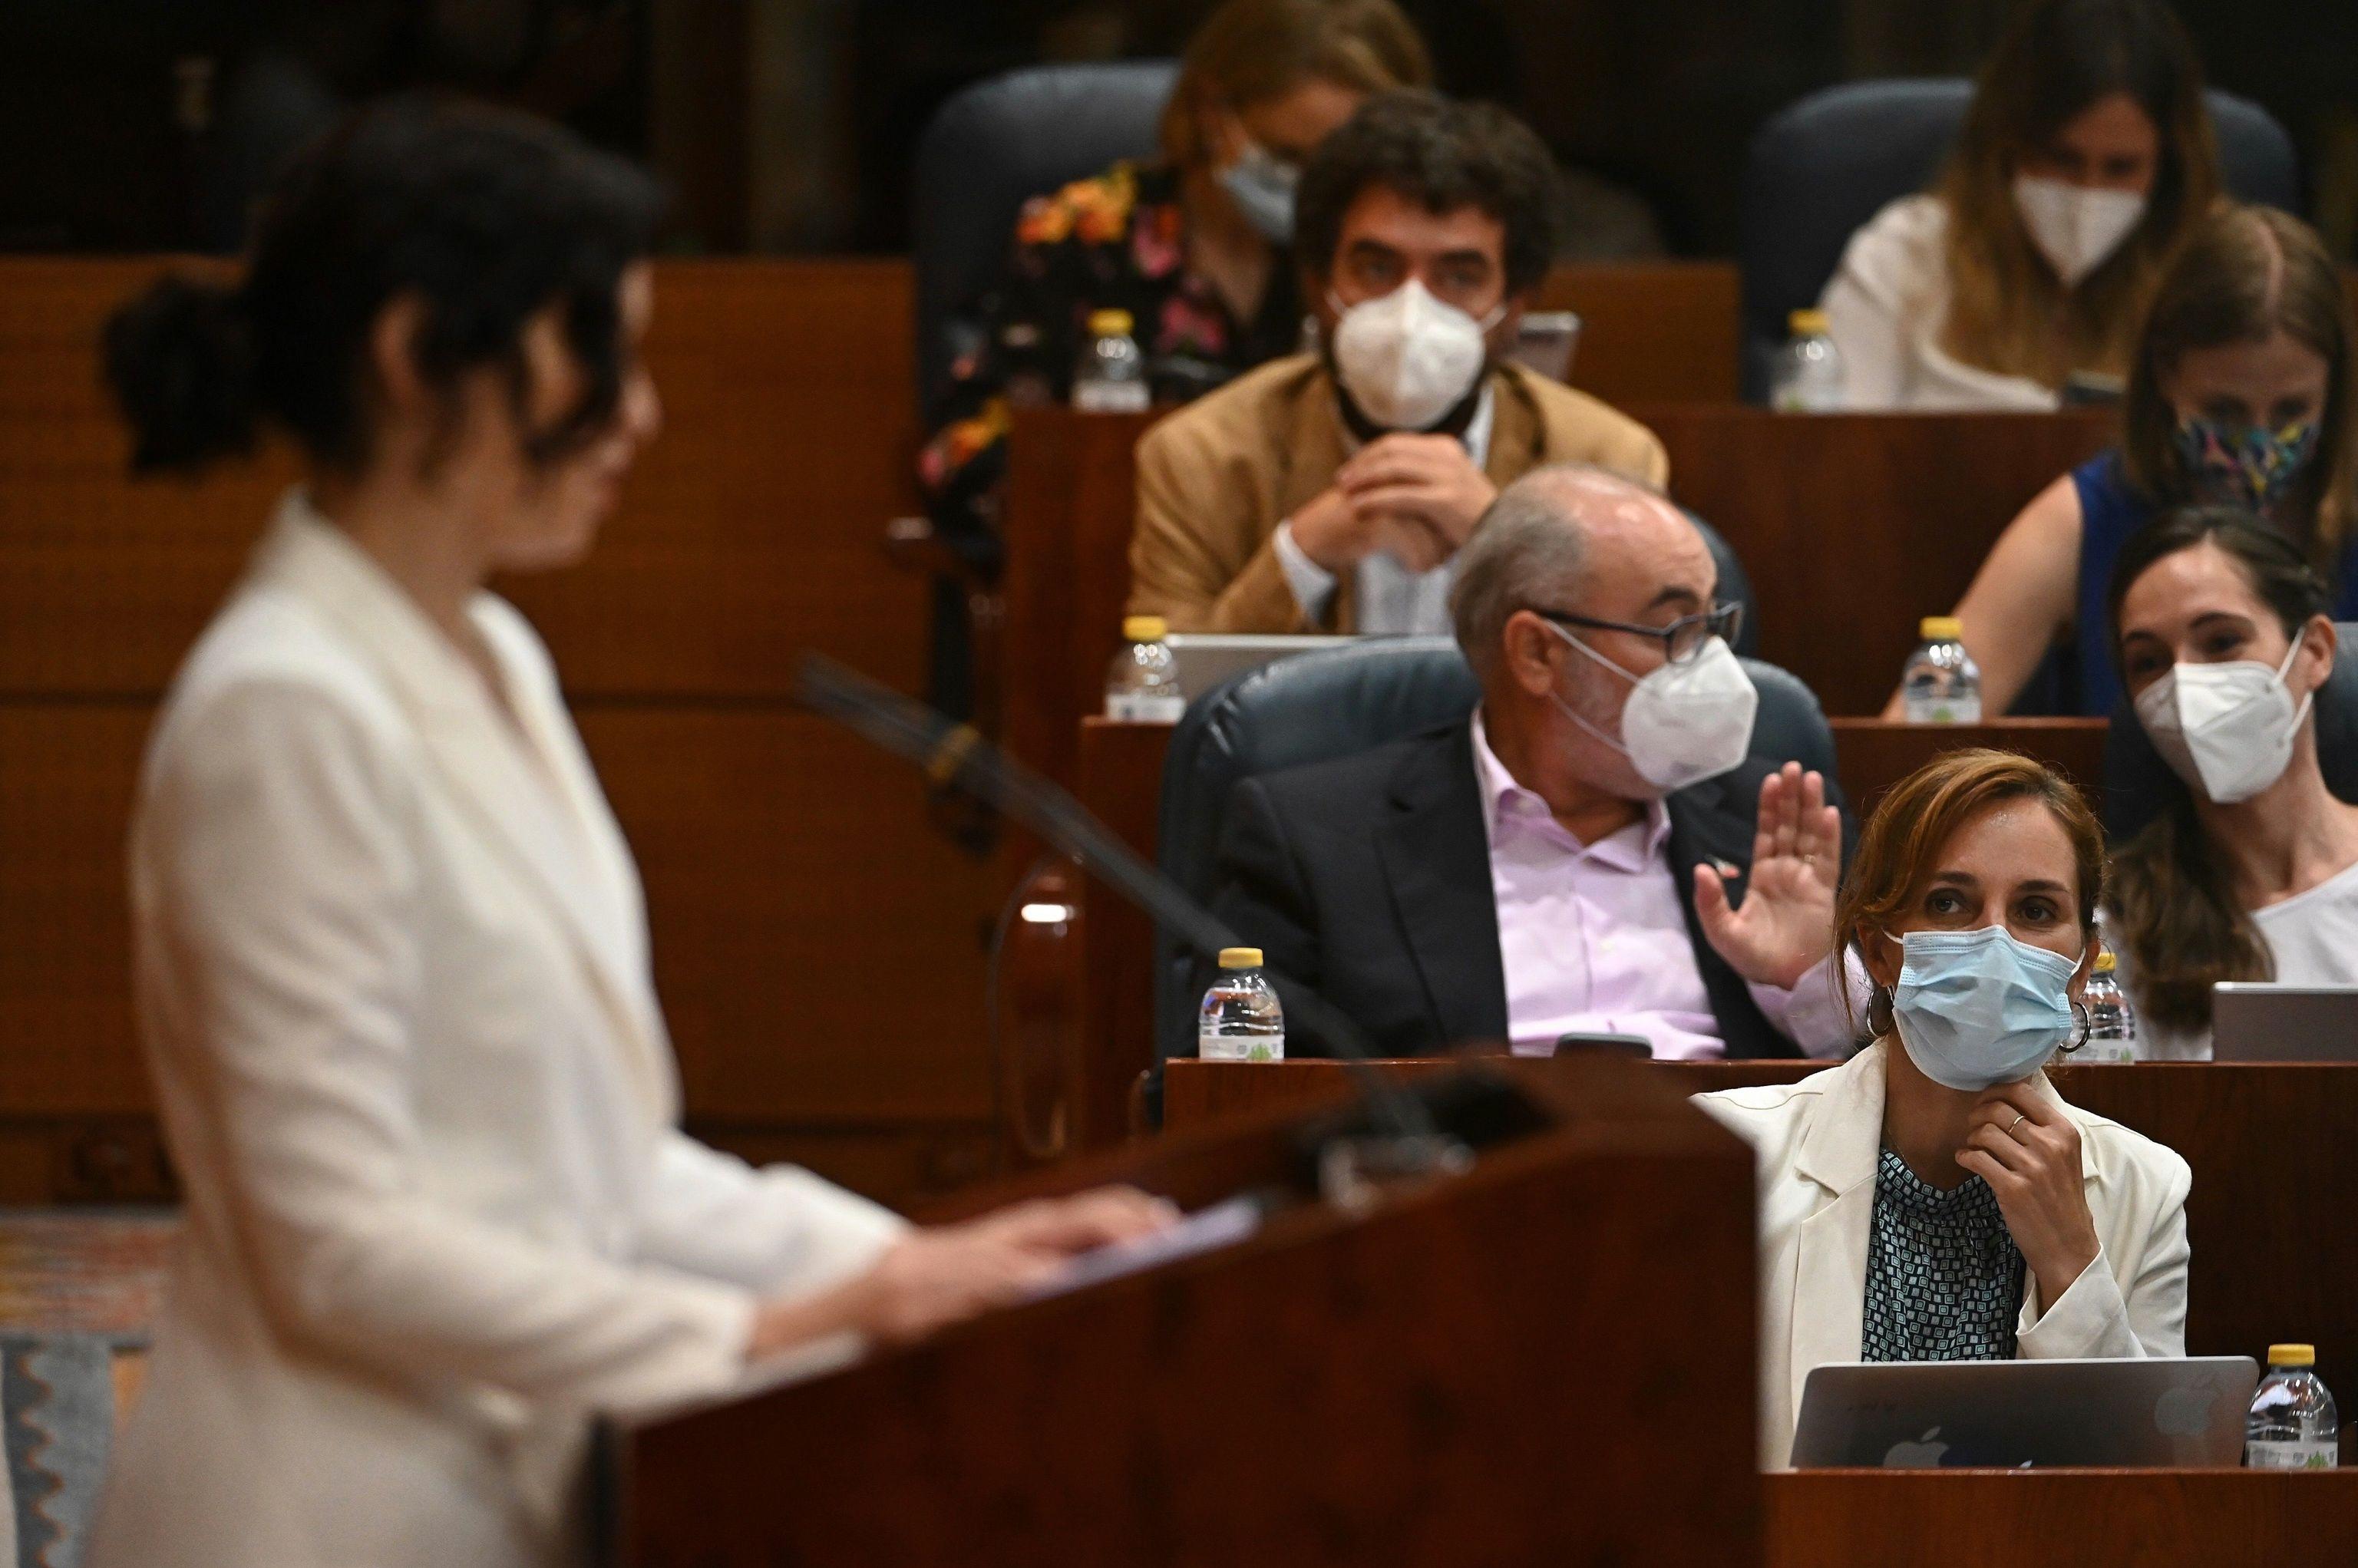 La diputada de Más Madrid Mónica García escuchando a Ayuso.